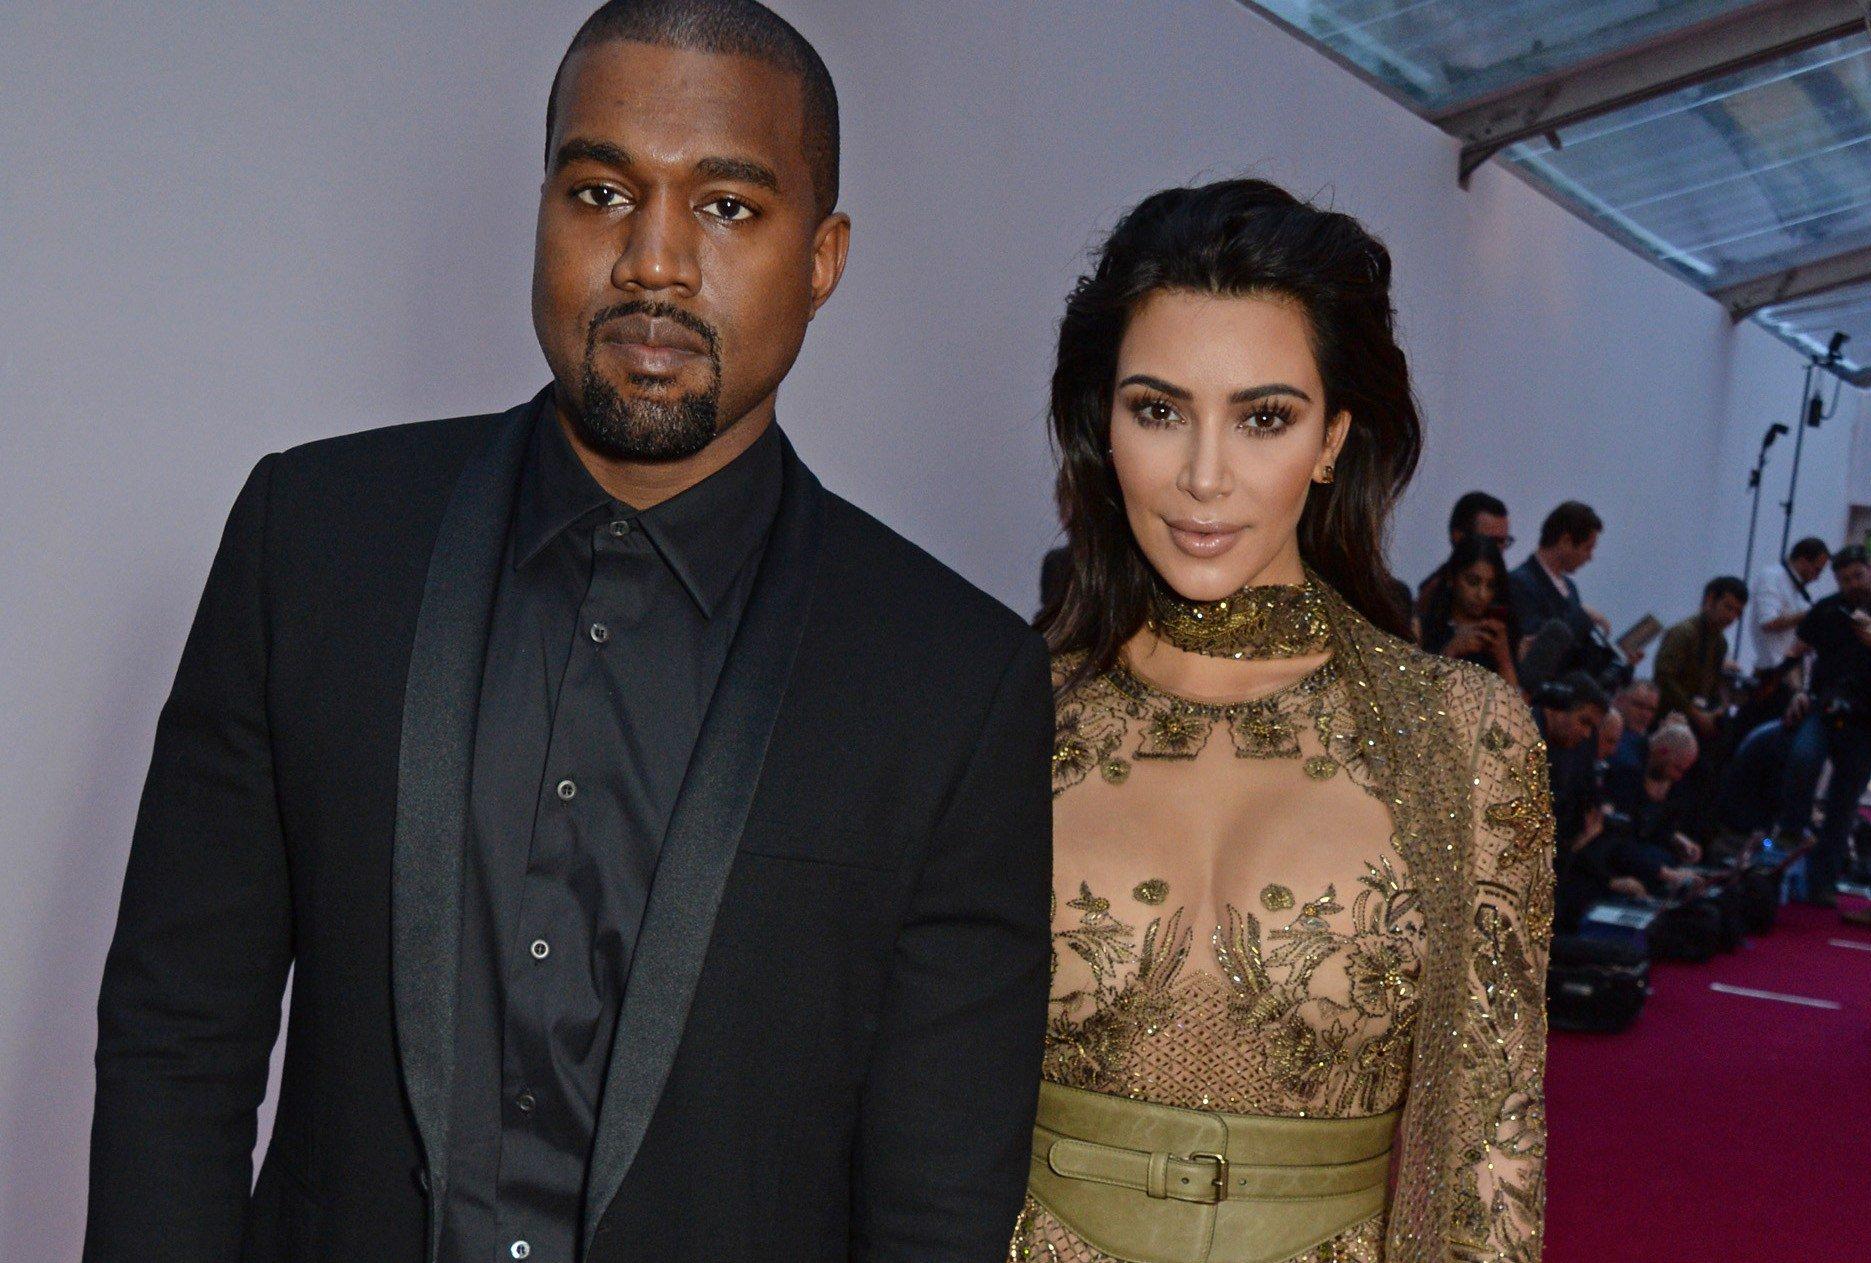 Kim Kardashian's surrogate is reportedly three months pregnant: https://t.co/BjN9zqtaWO https://t.co/XGZqst7CLU